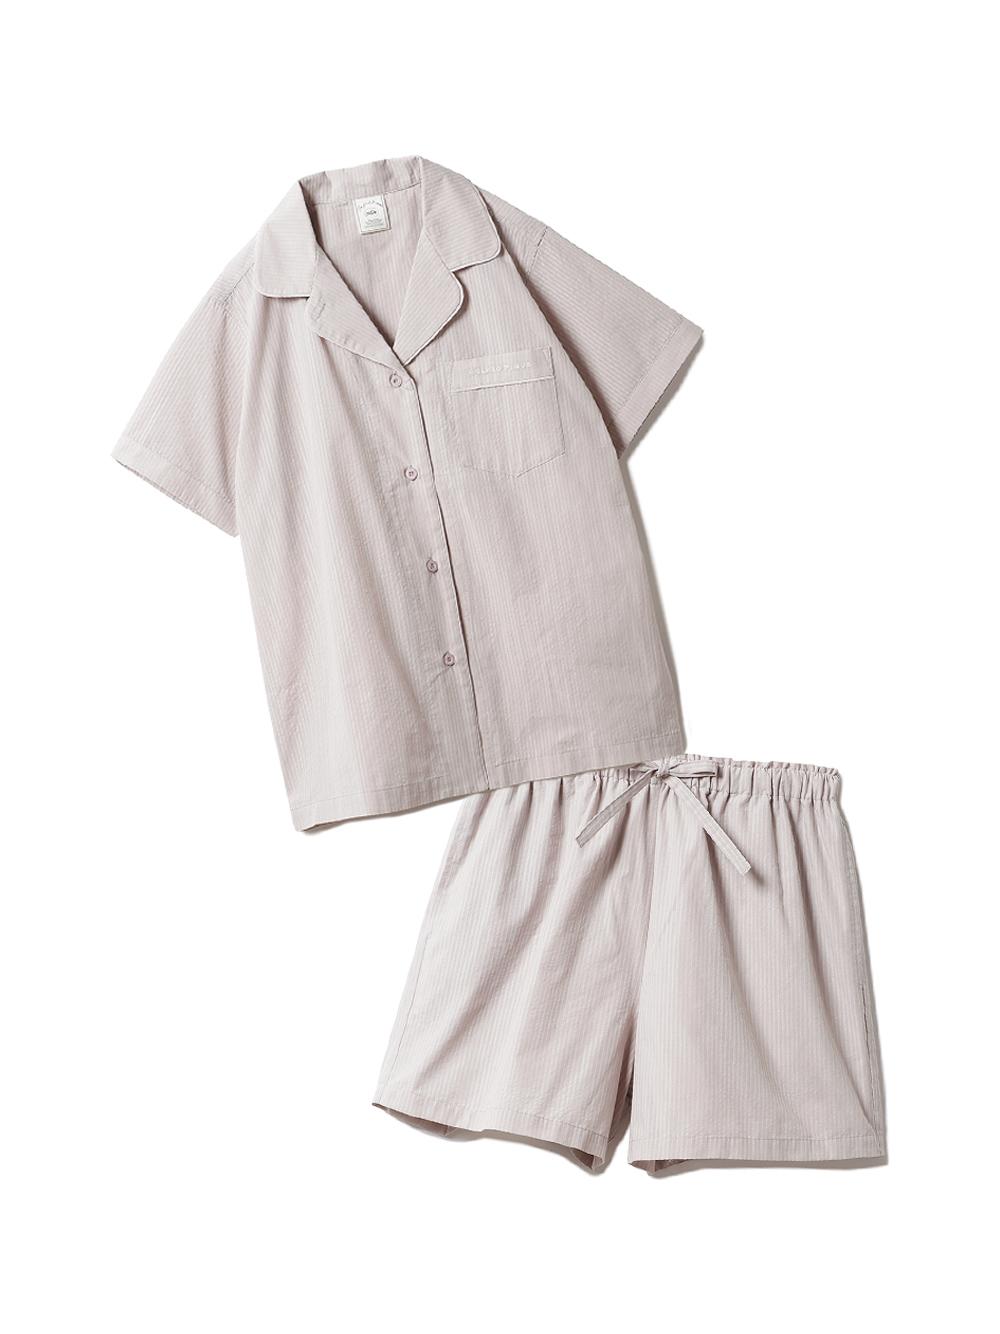 【ラッピング】クールMAXシャツ&ショートパンツSET(BEG-F)